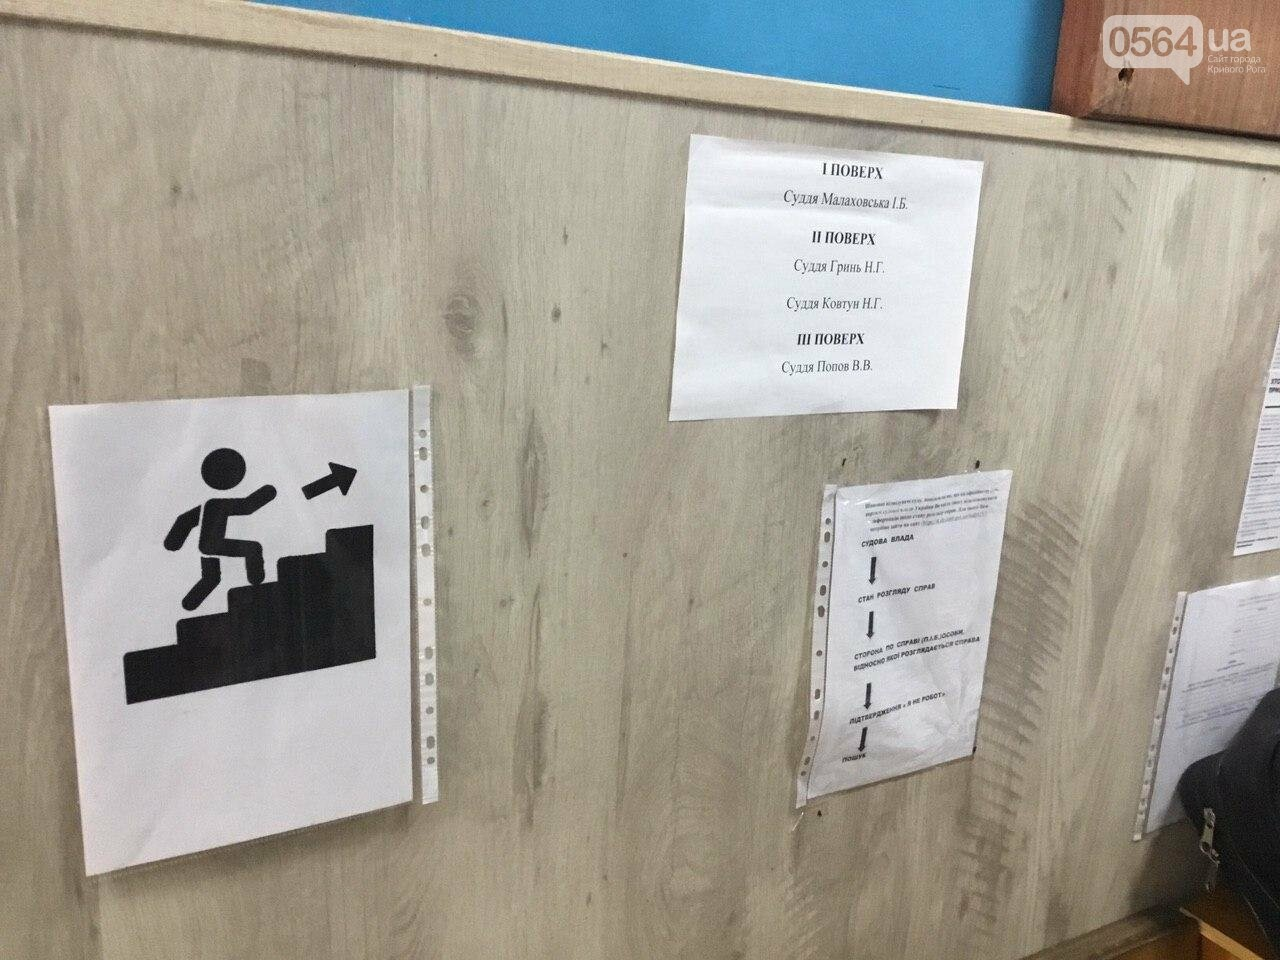 Иск против Российской Федерации в Кривом Роге: заседание не состоялось, судья на сутки удалился в совещательную комнату, - ФОТО, ВИДЕО, фото-7